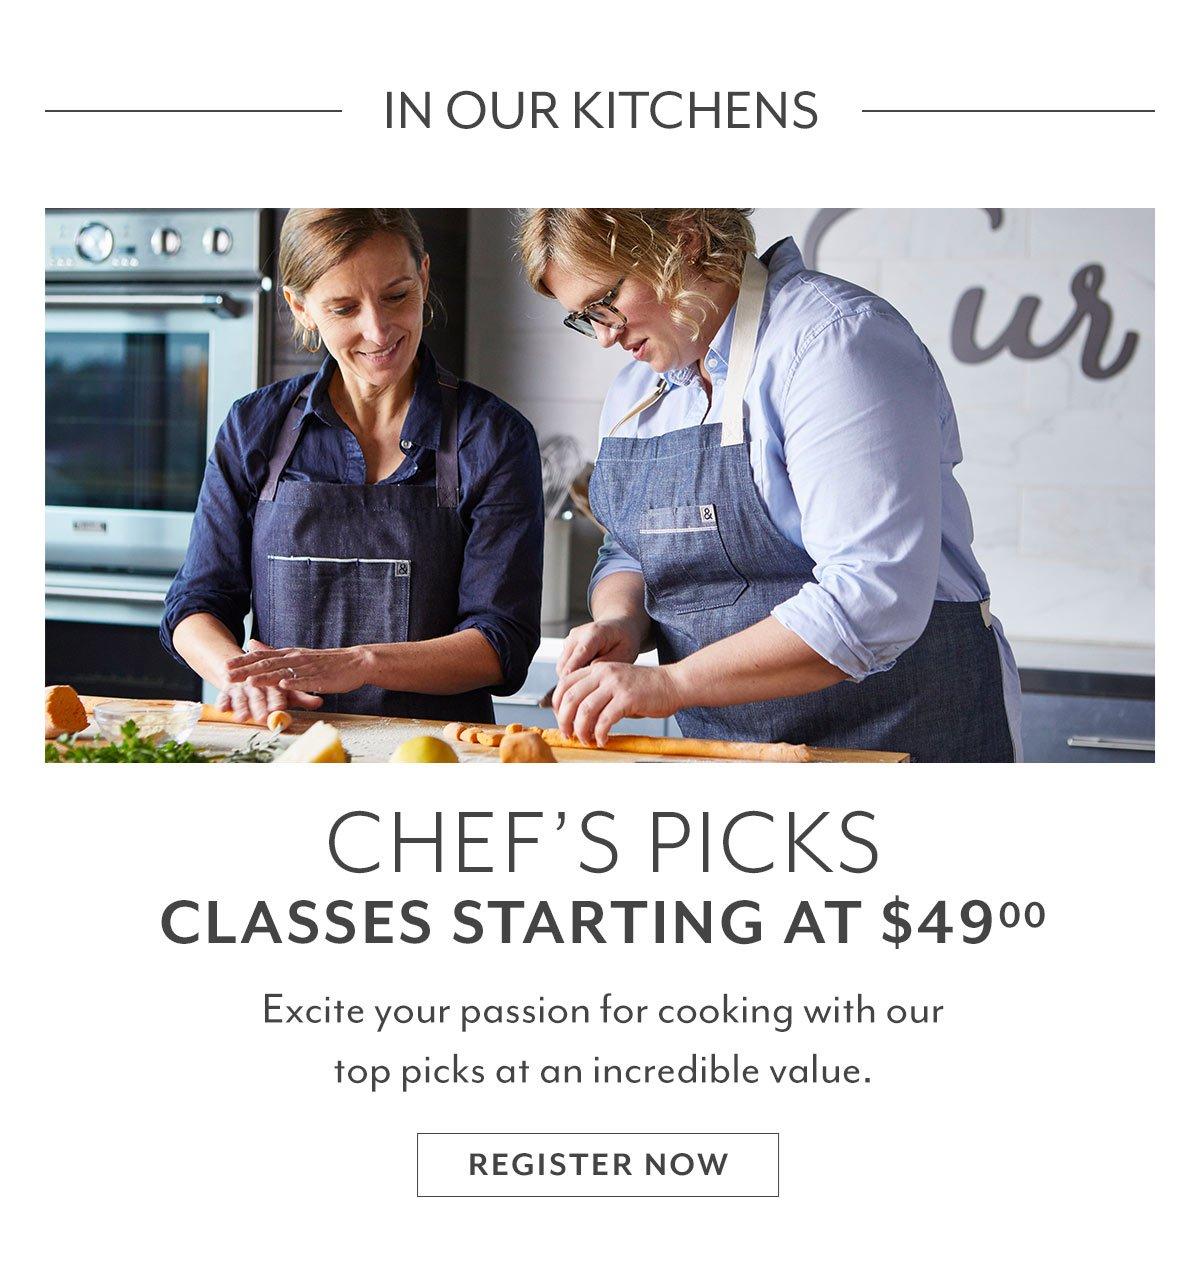 Chef's Picks